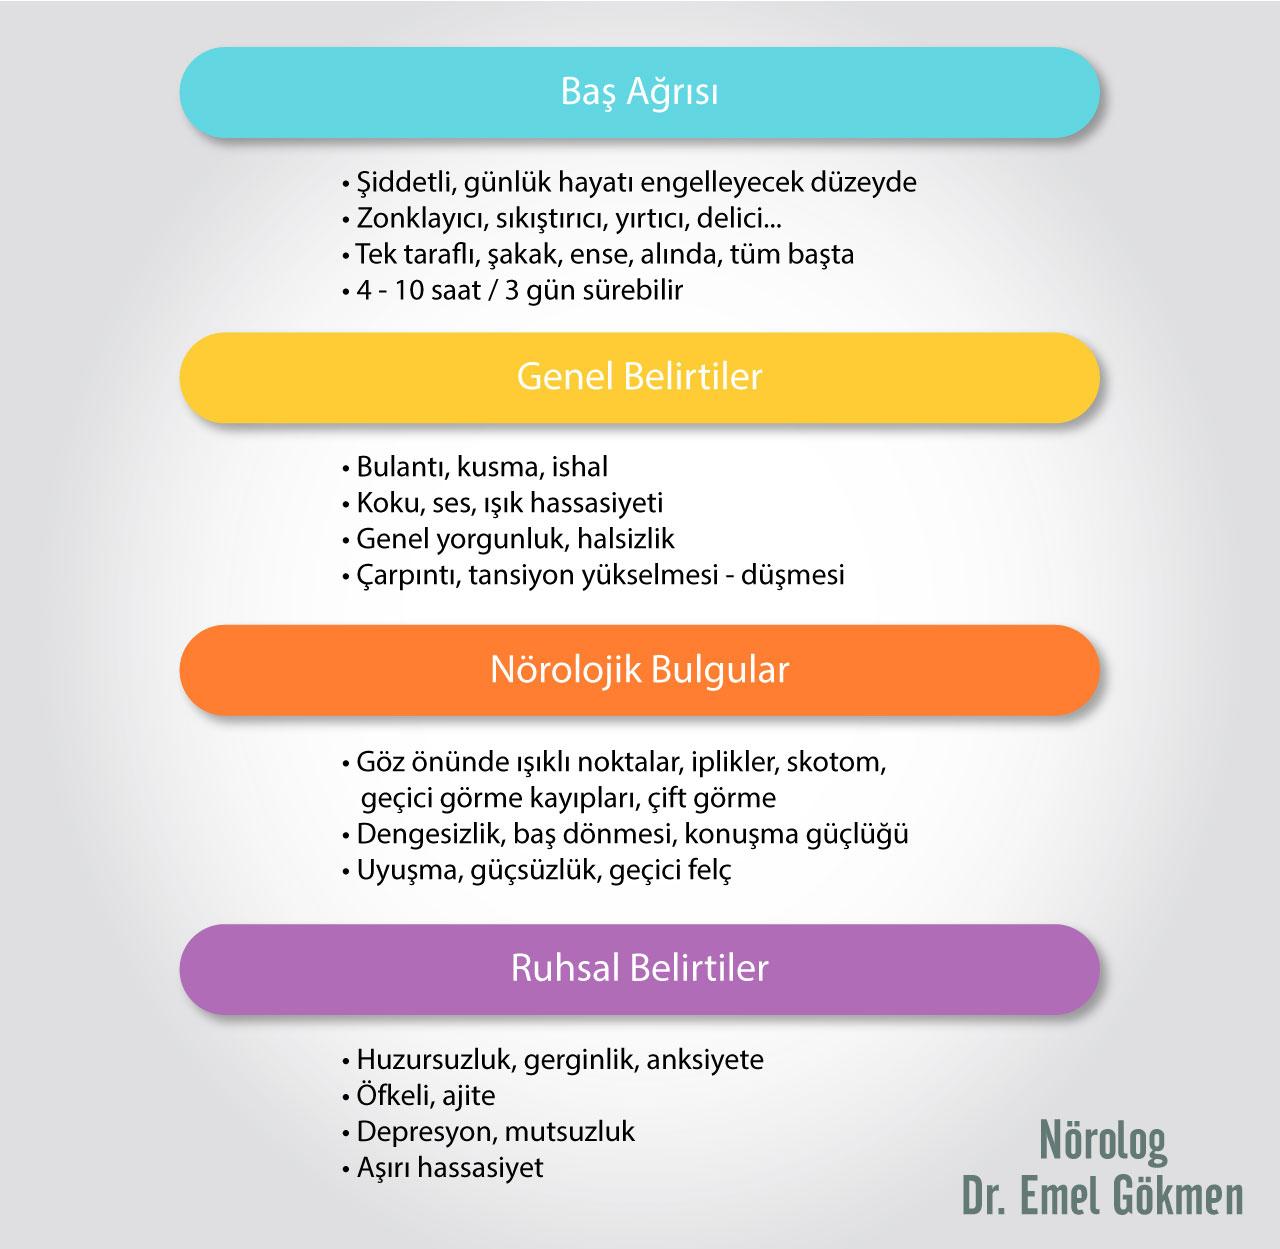 Migren belirtileri infografik. Dr Emel Gökmen